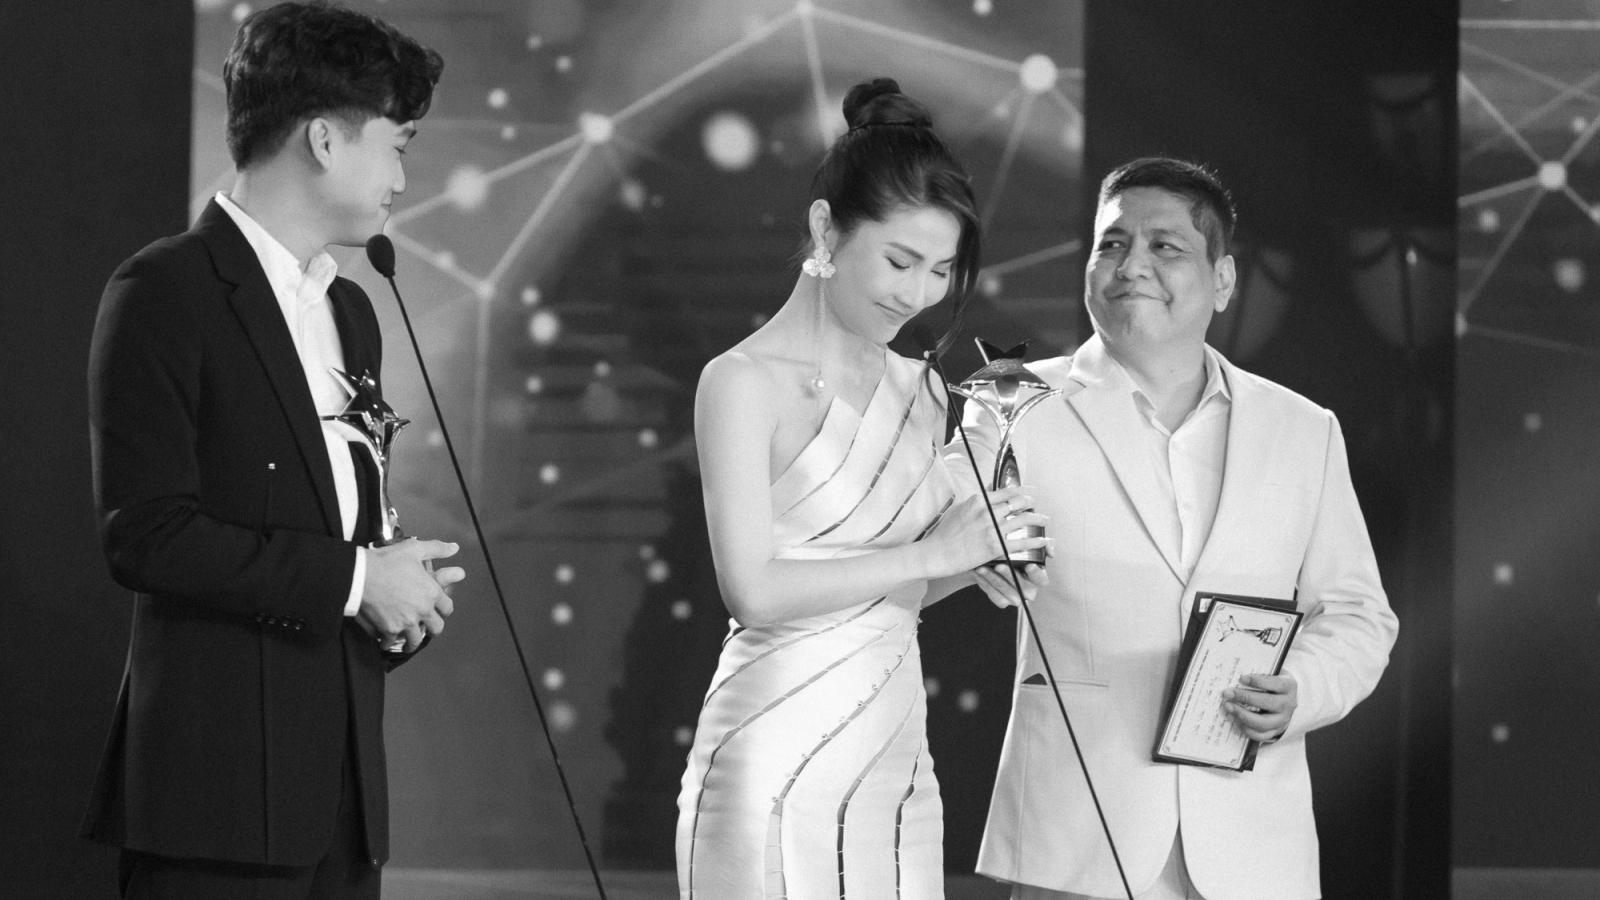 Diễm My 9X giành giải Nữ diễn viên truyền hình xuất sắc nhất tại Giải thưởng Ngôi sao xanh